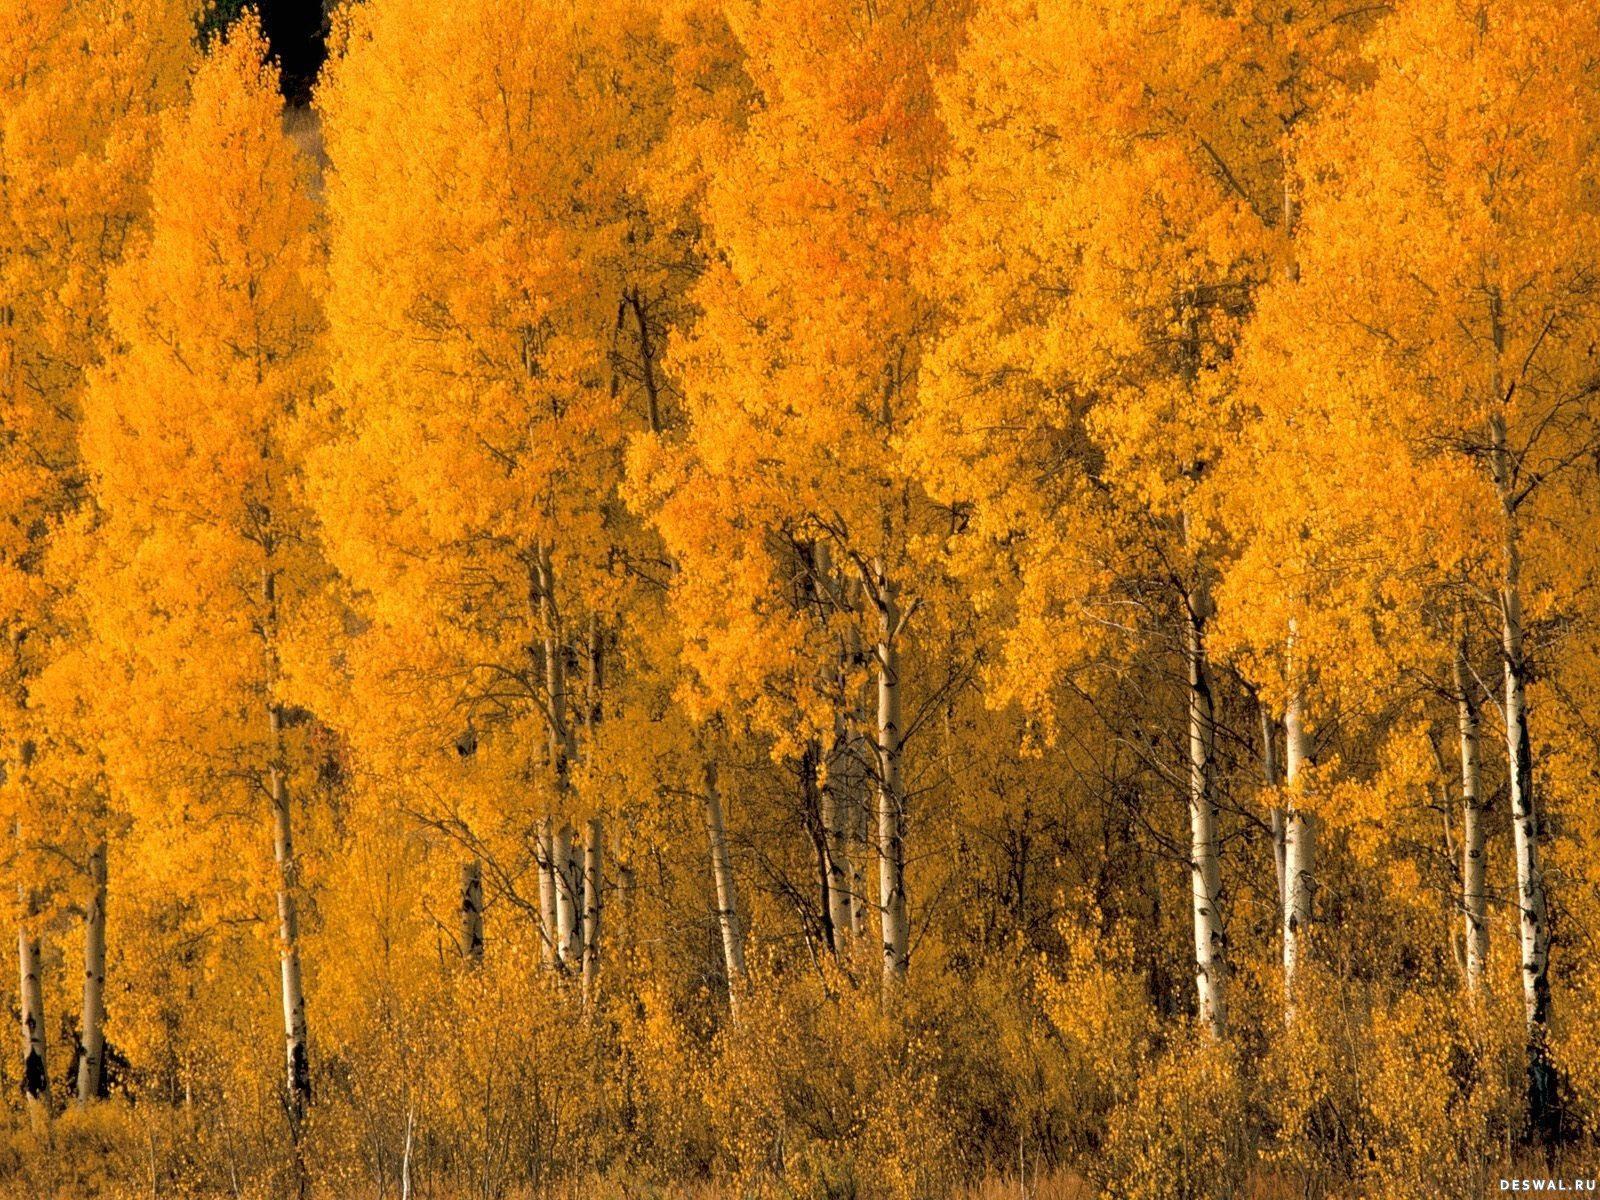 осень фотообои: